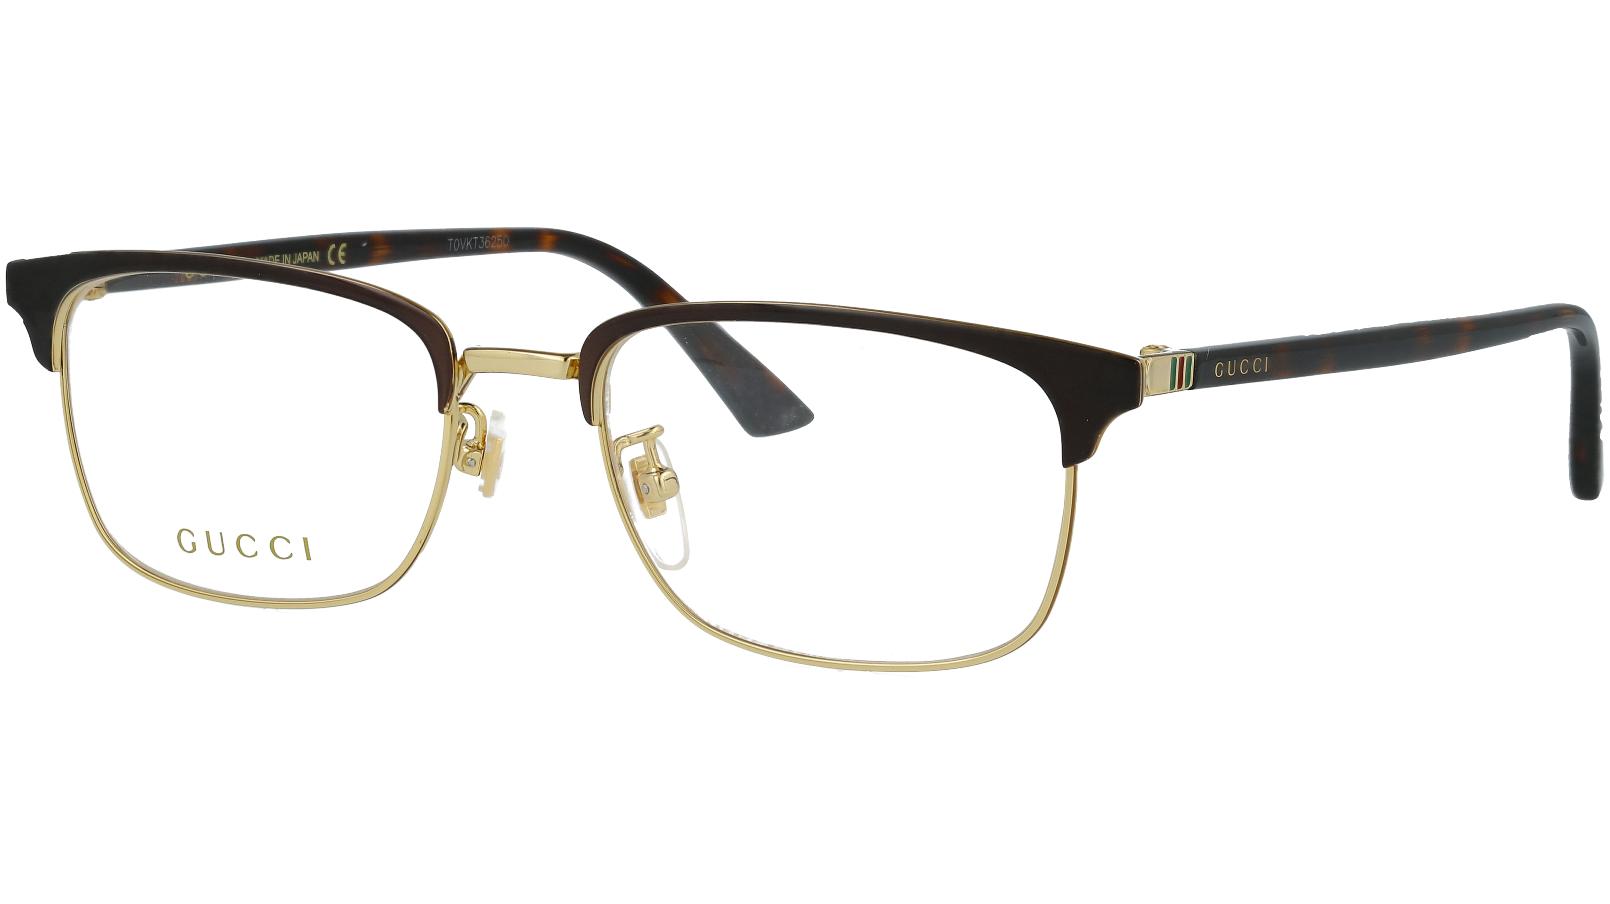 GUCCI GG0131O 002 53 BROWN Glasses